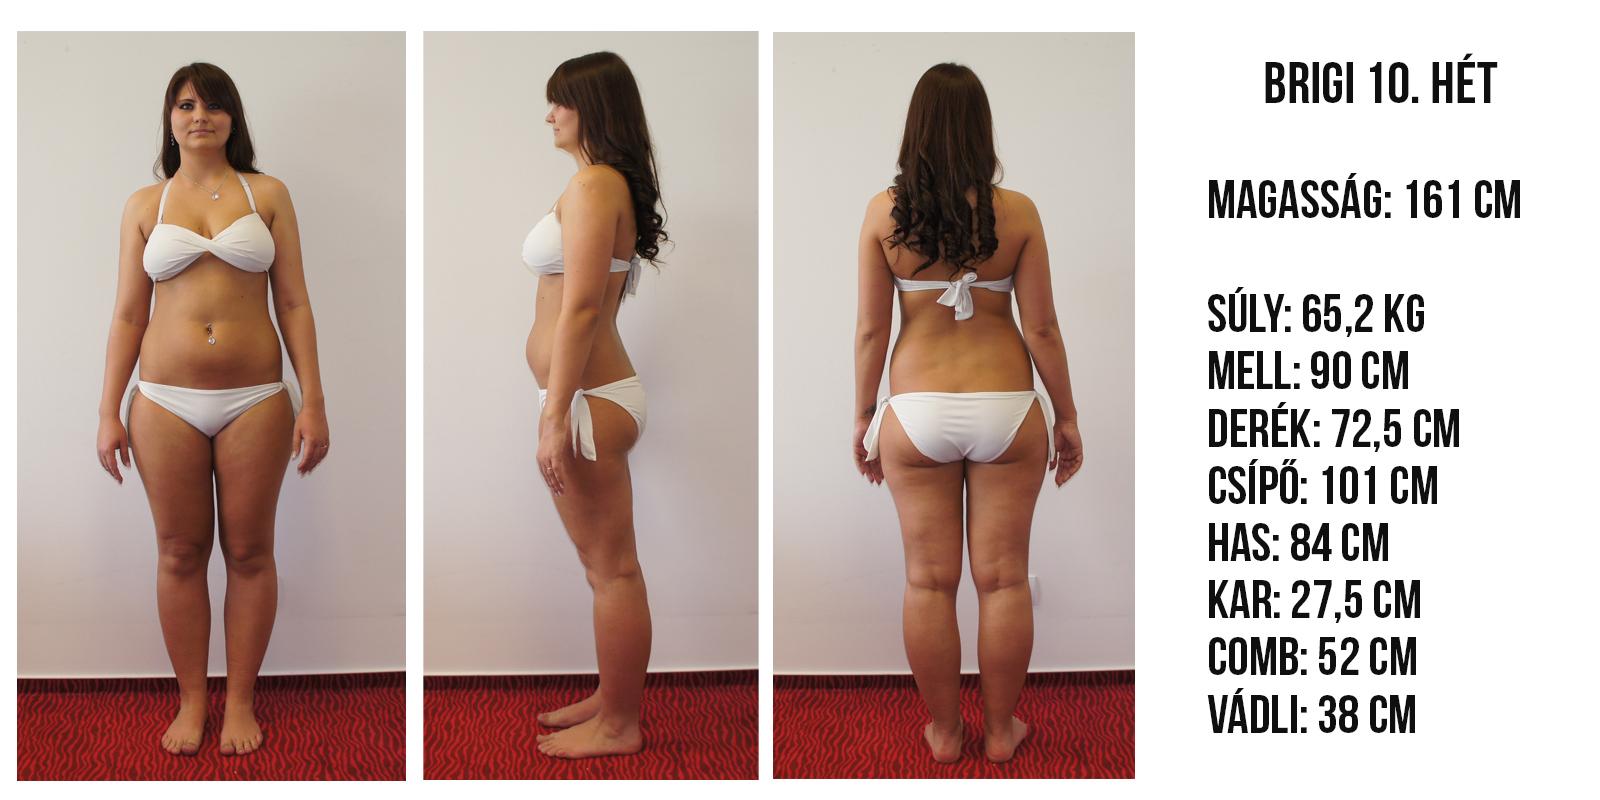 Tudtad, hogy minden túlsúlyos úgy akar lefogyni, hogy nem akar érte tenni semmit?